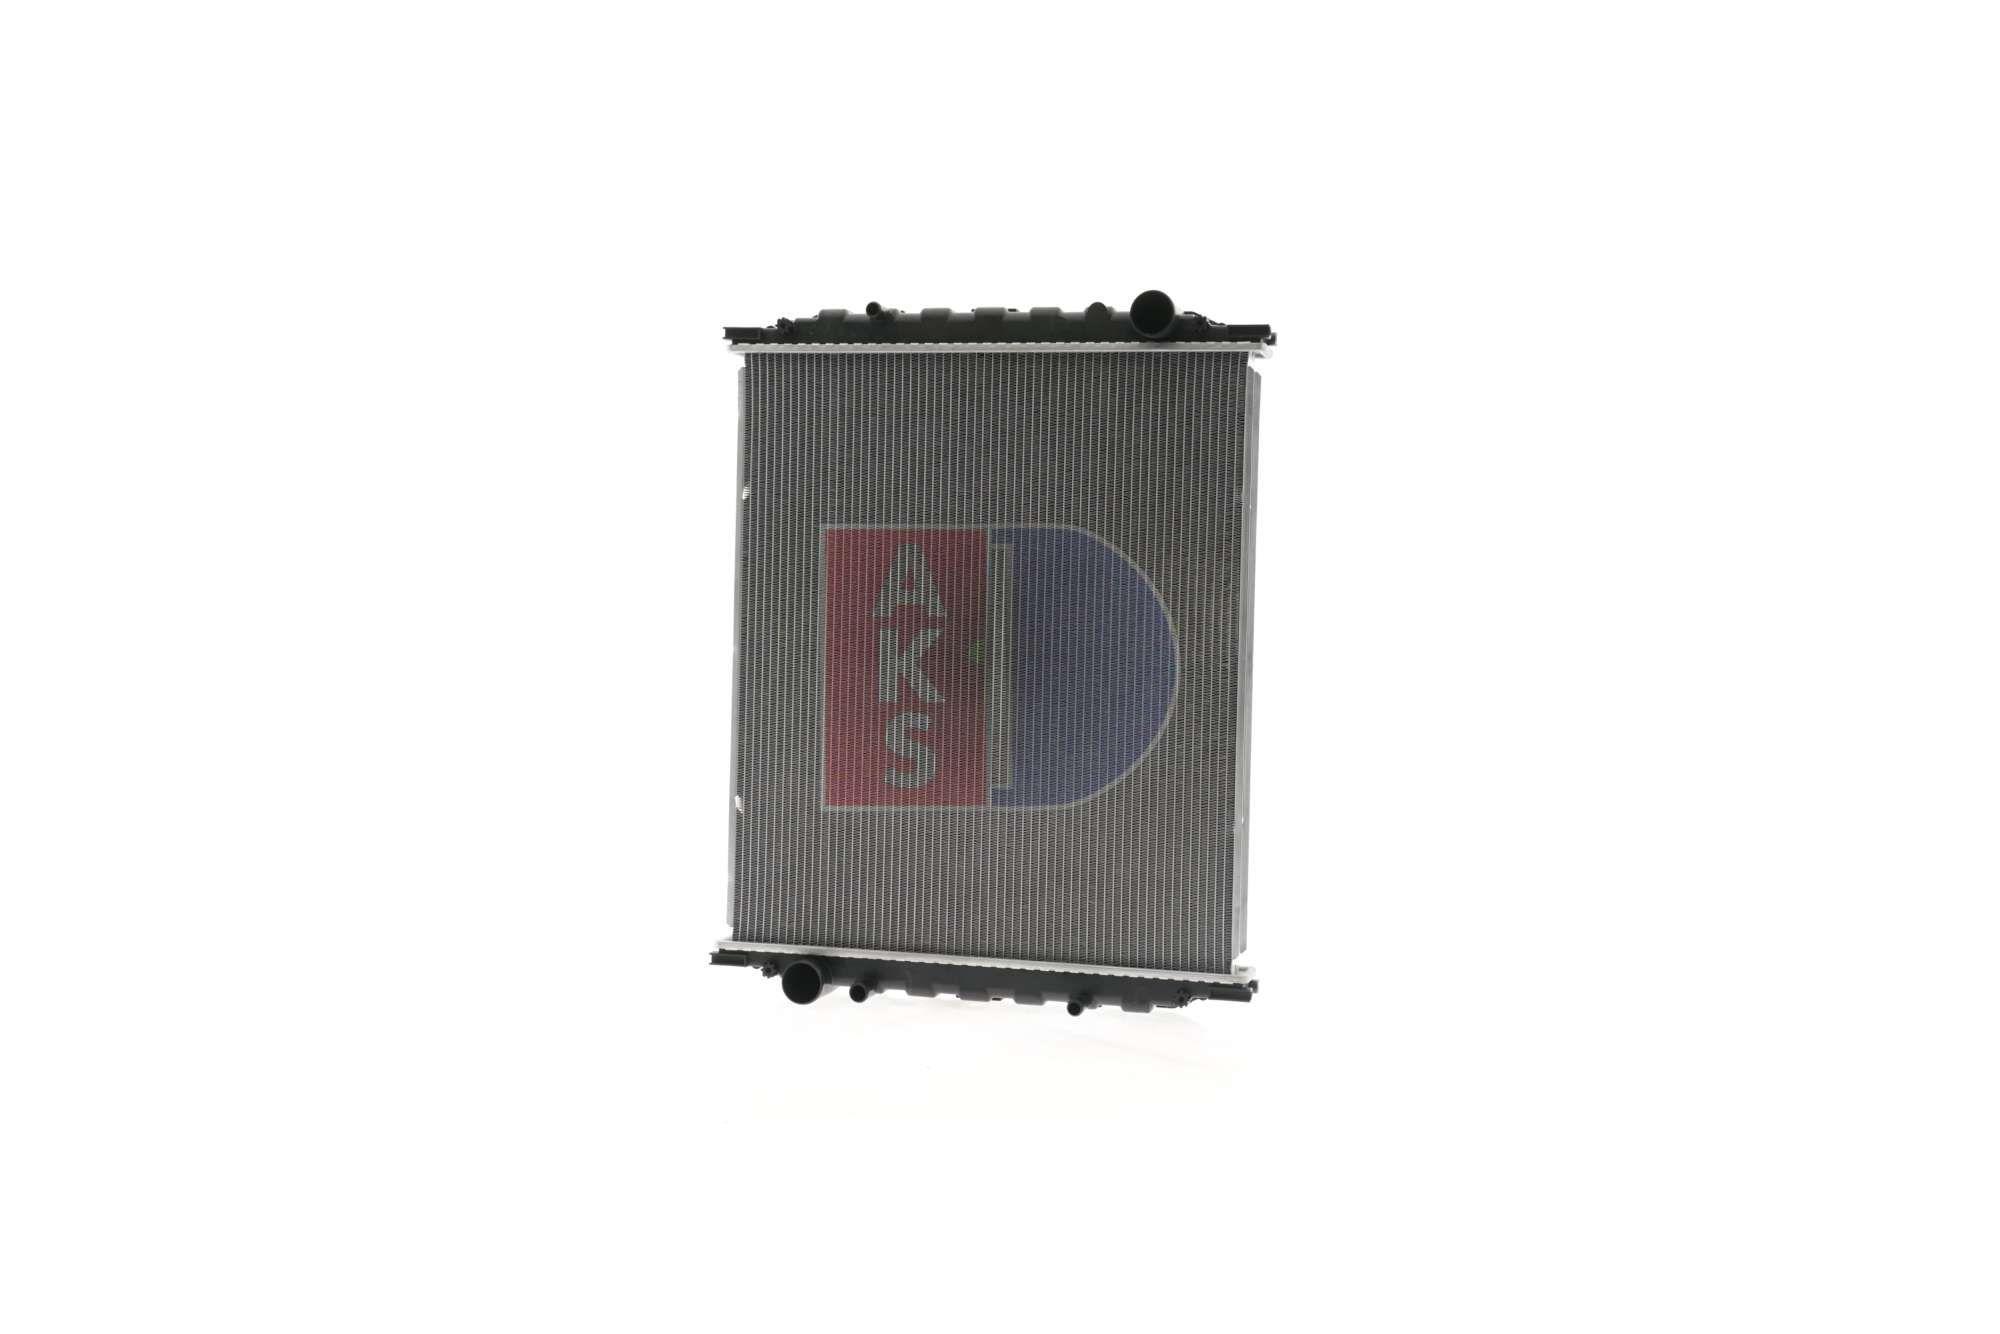 Kühler, Motorkühlung AKS DASIS 262110S mit 20% Rabatt kaufen